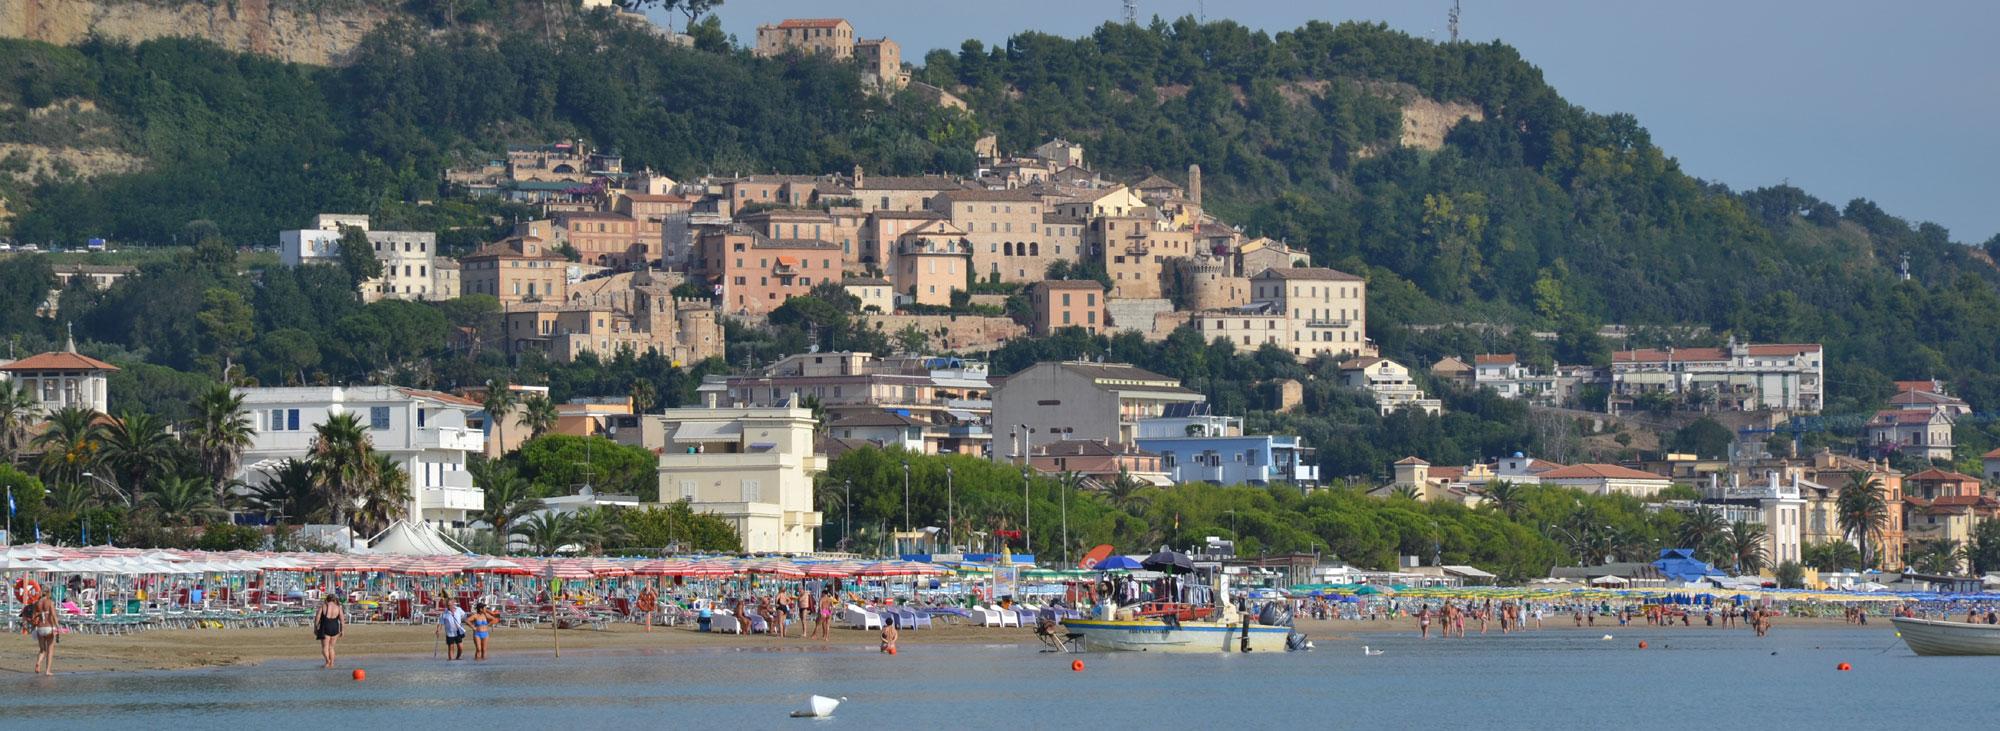 Borgo antico di <strong>Grottammare</strong>